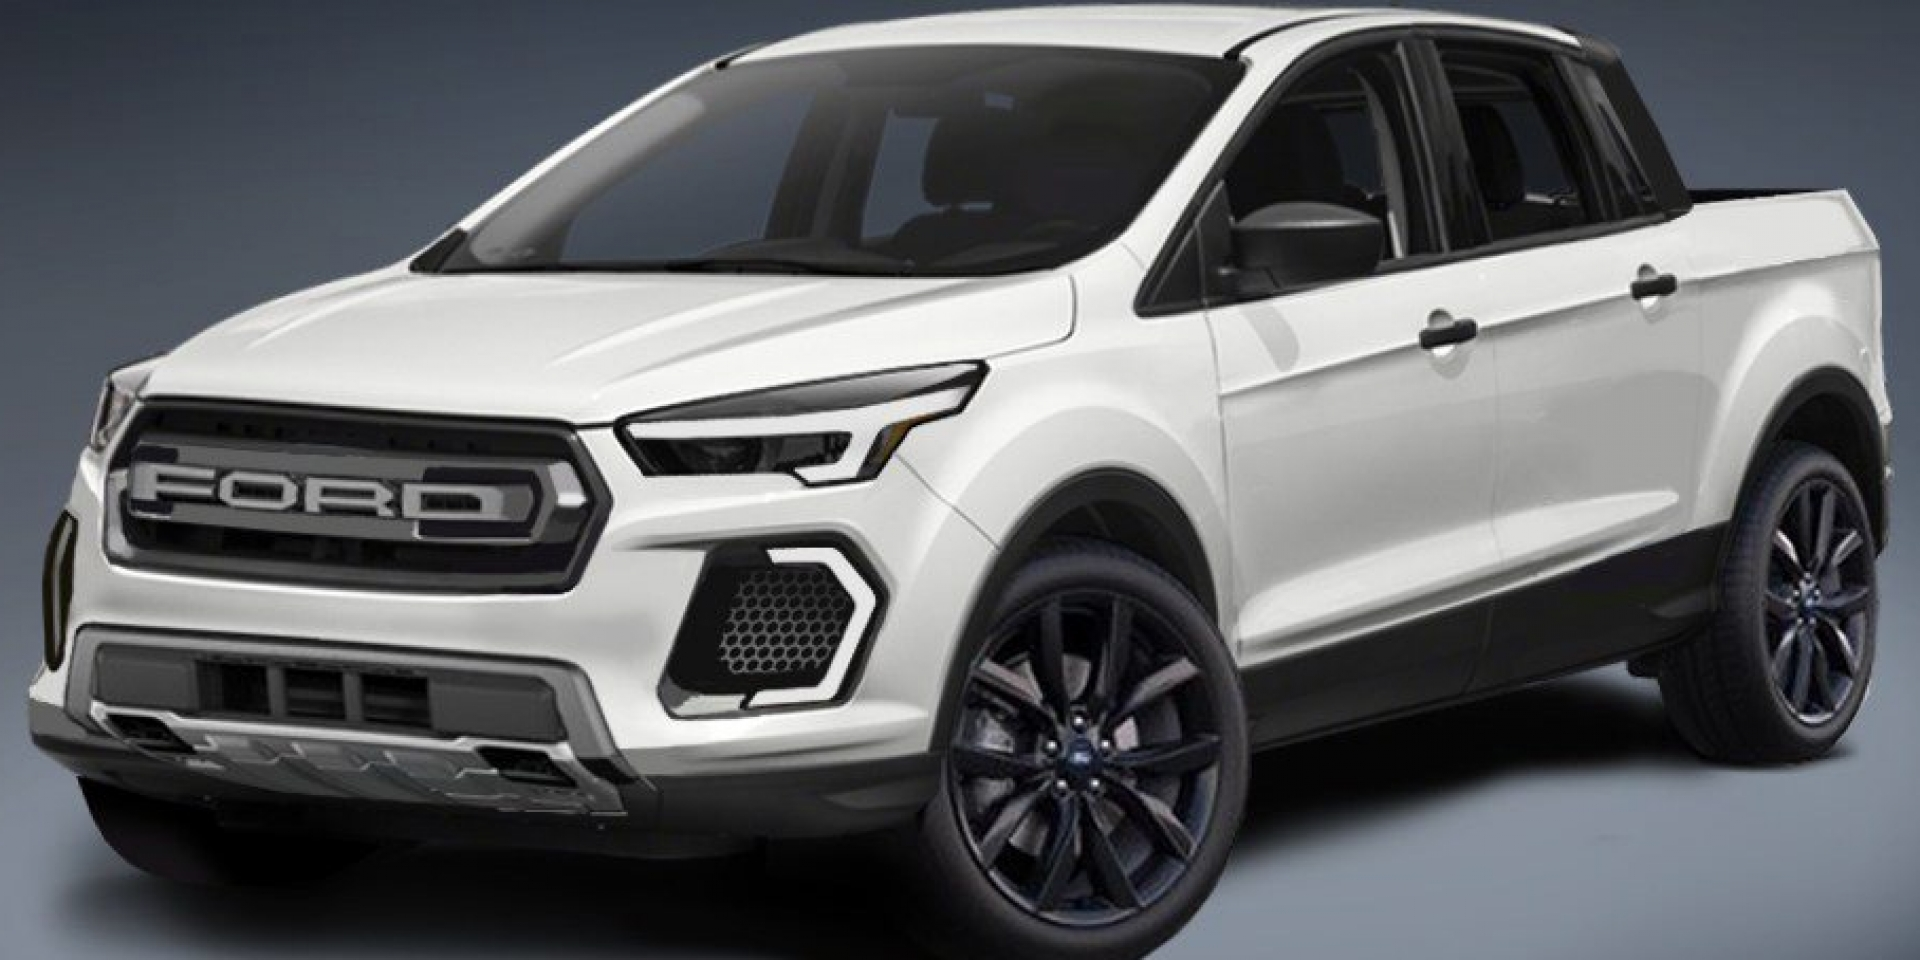 以Focus為基礎打造Pickup 將搭載2.0L渦輪增壓引擎